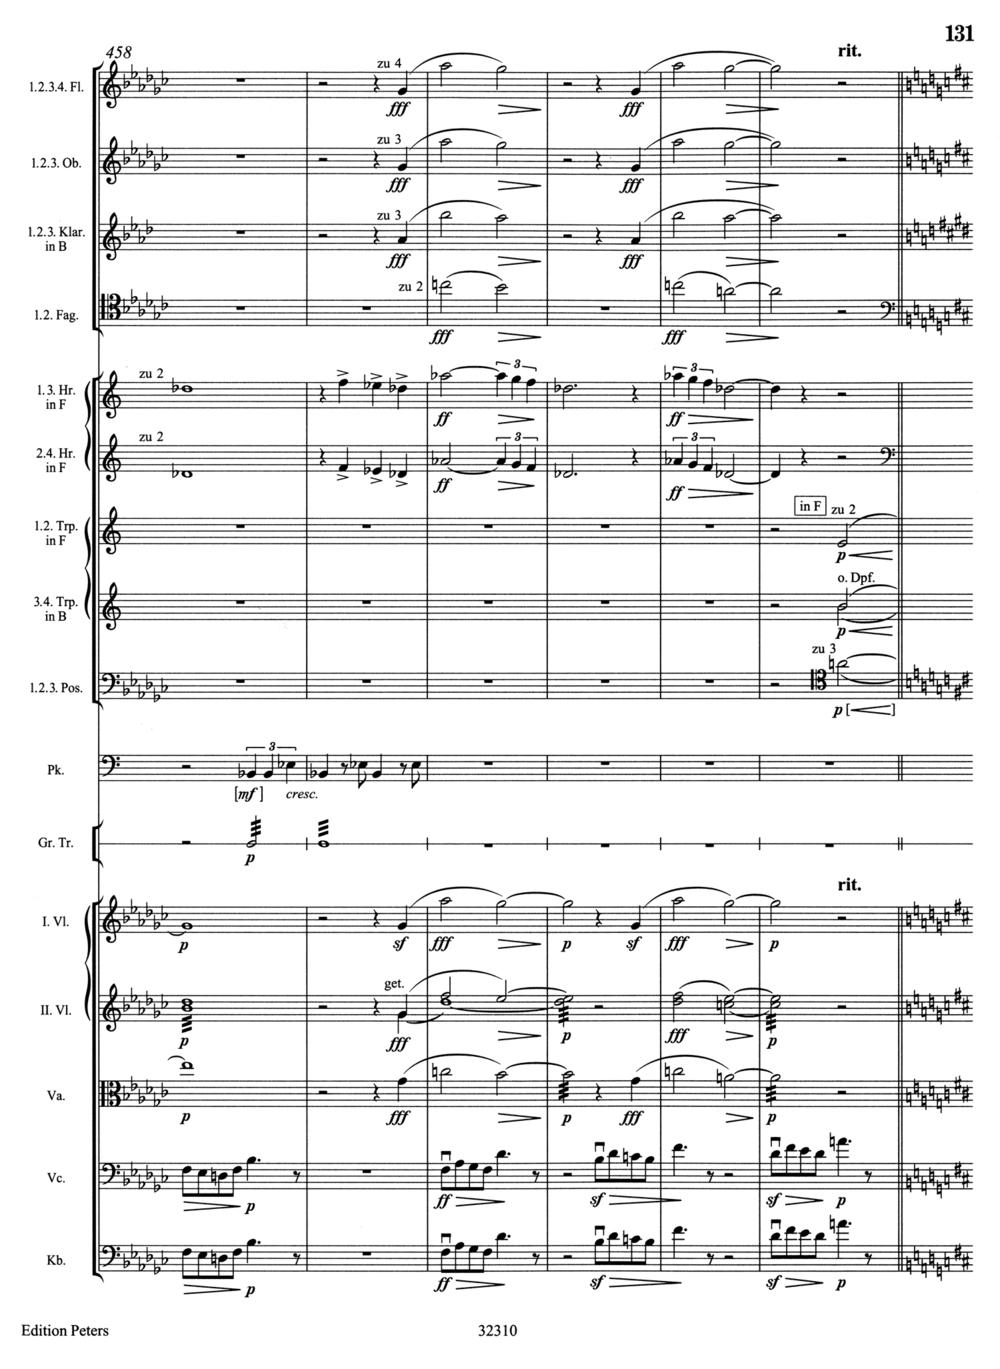 Mahler 5 Score 6.jpg